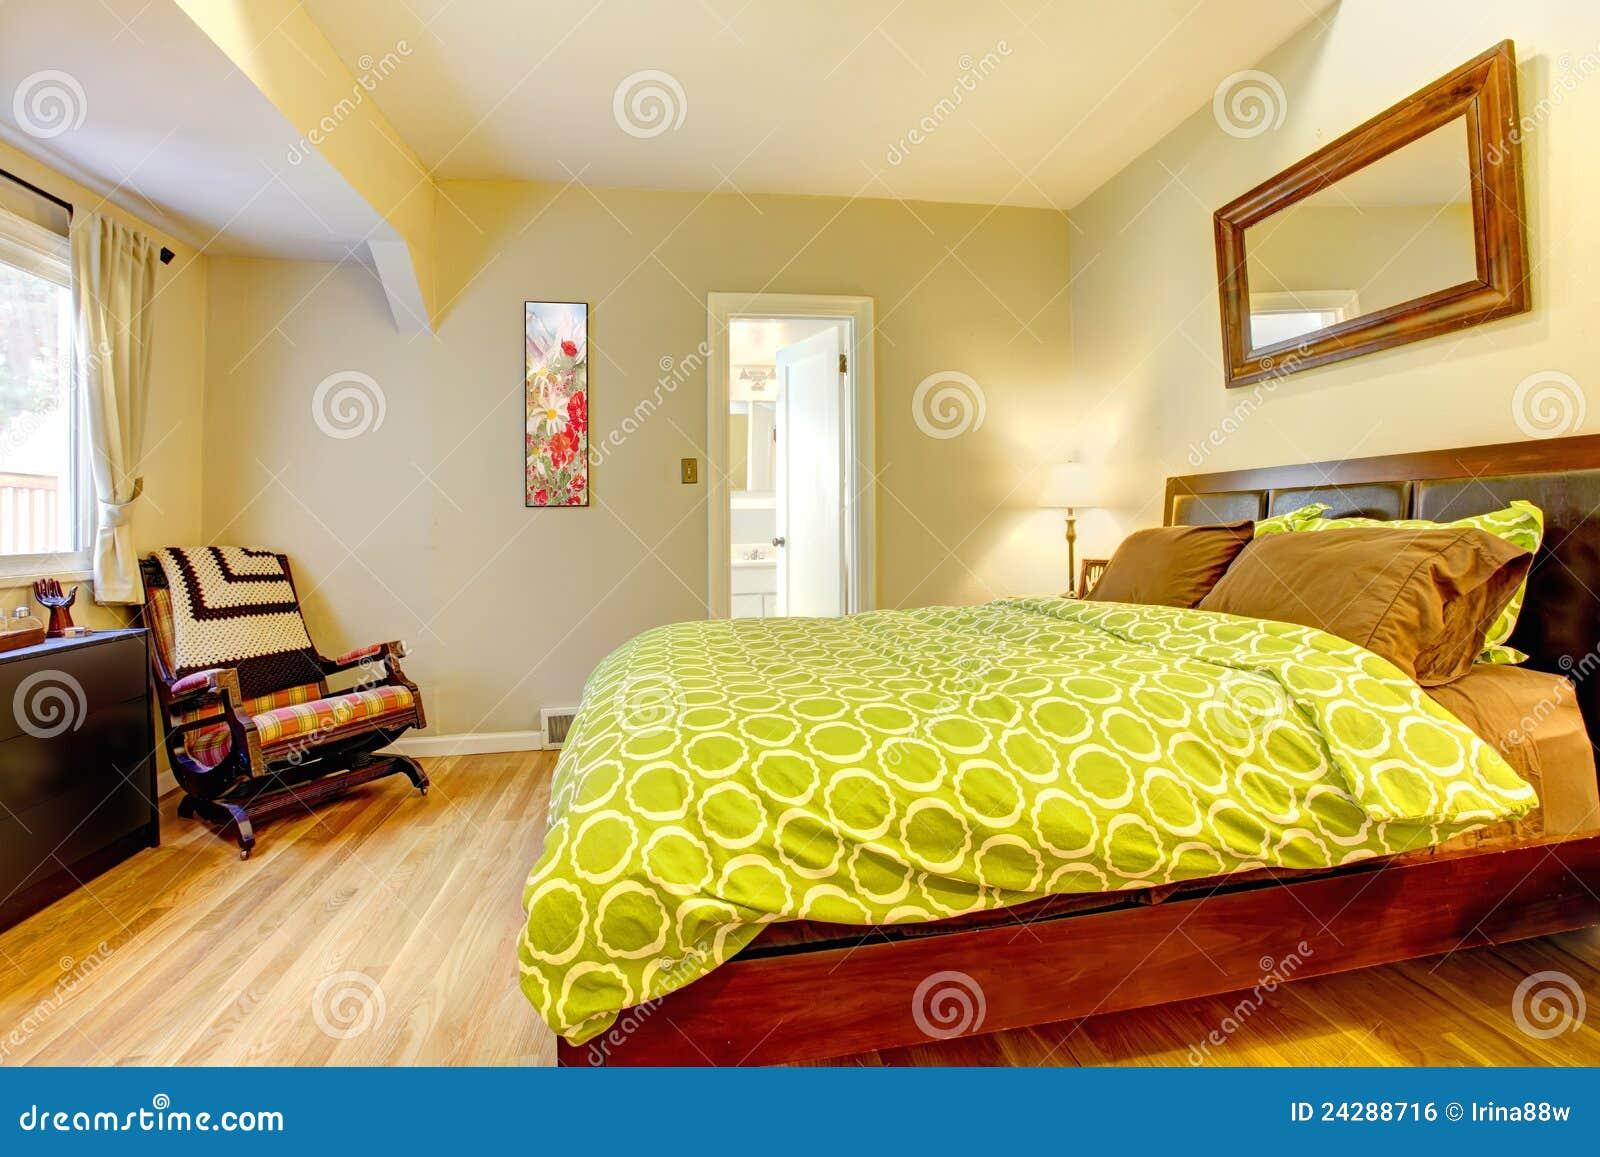 Moderne groene en beige slaapkamer met bruin bed. royalty vrije ...